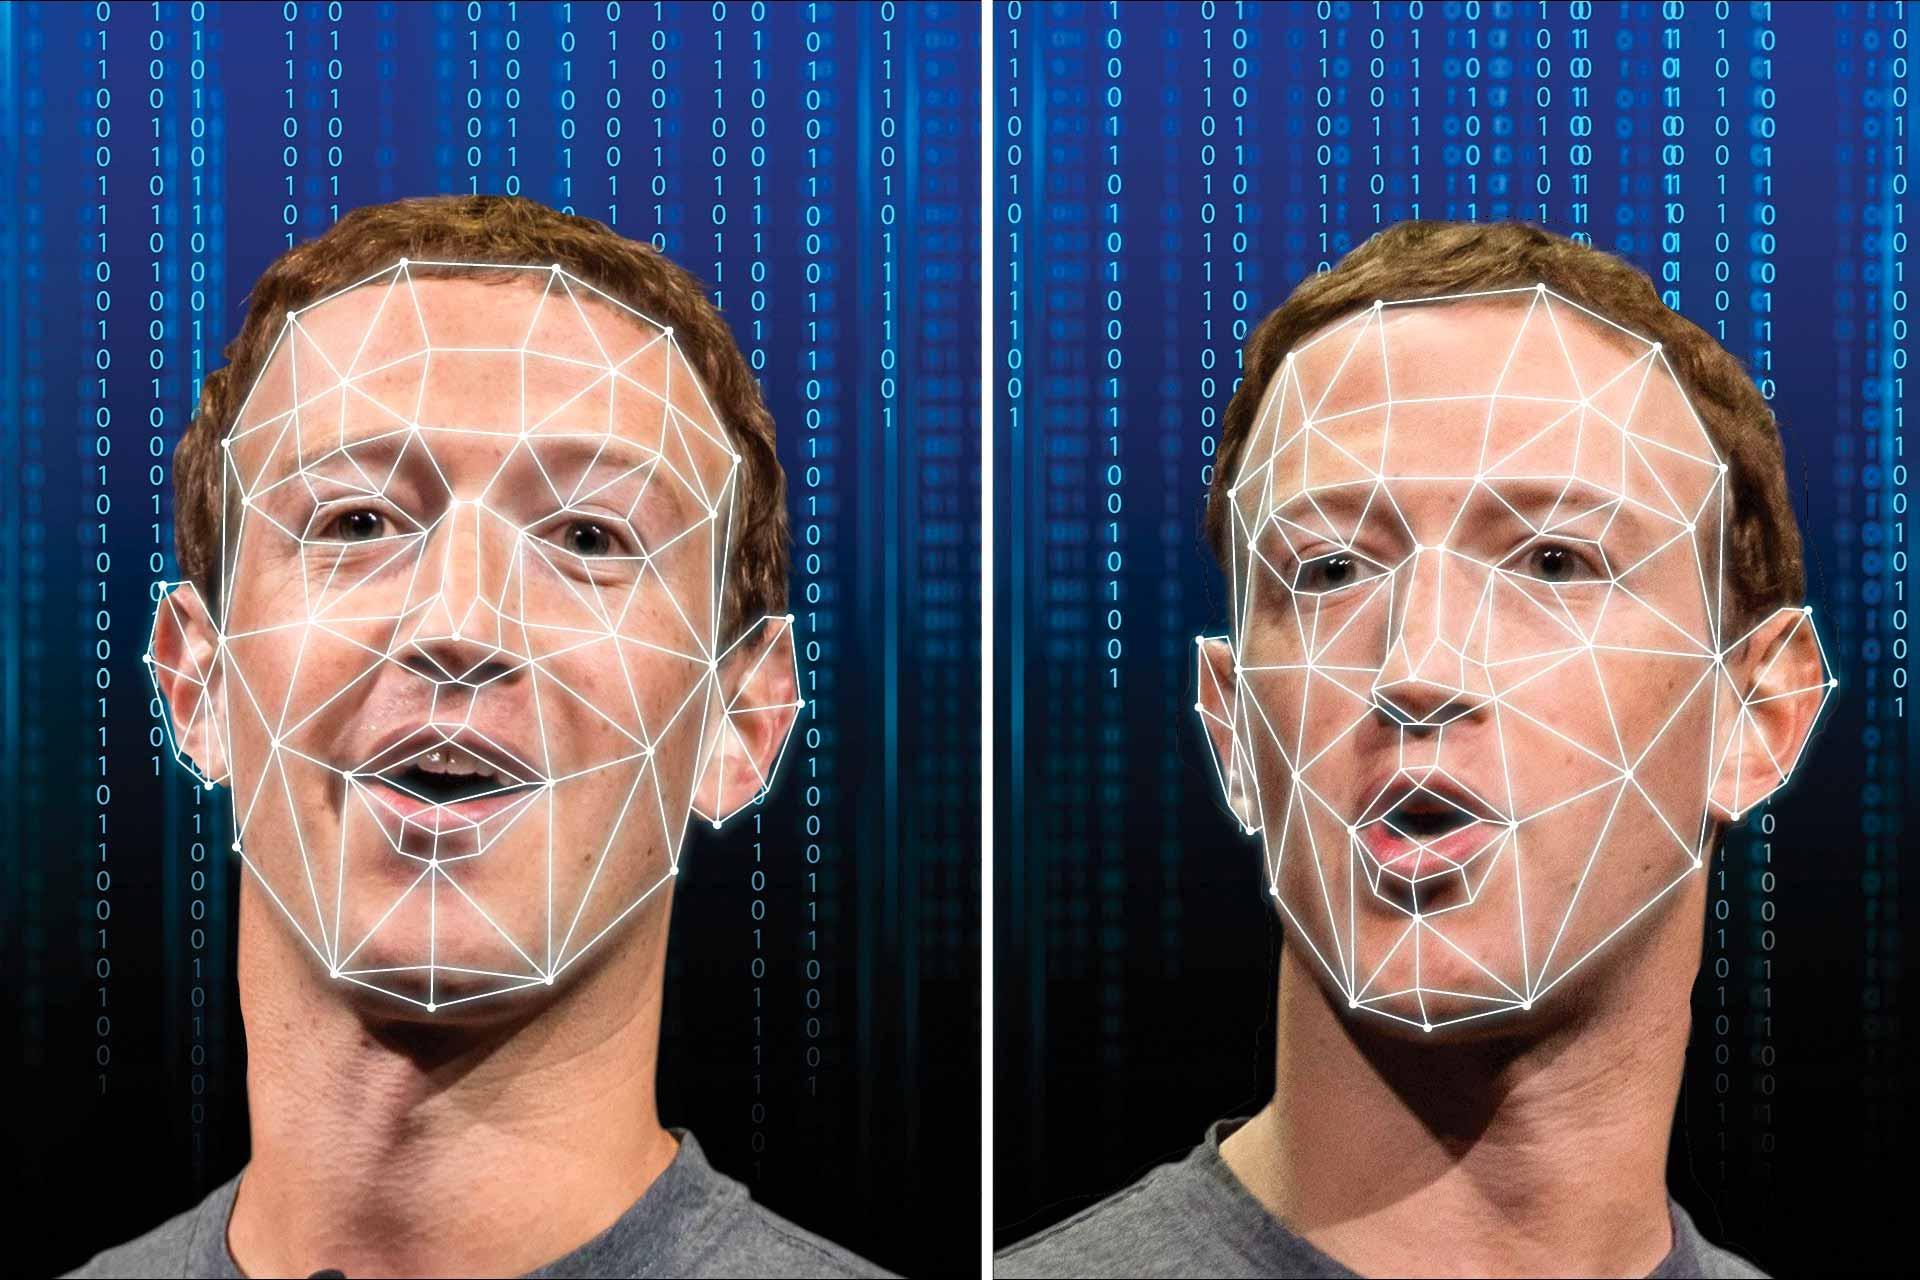 ஆன்லைன் மோசடிகள் - பதிவிறக்கம் +  சைபர் கஃபே +மின்னஞ்சல் மோசடி Deepfake